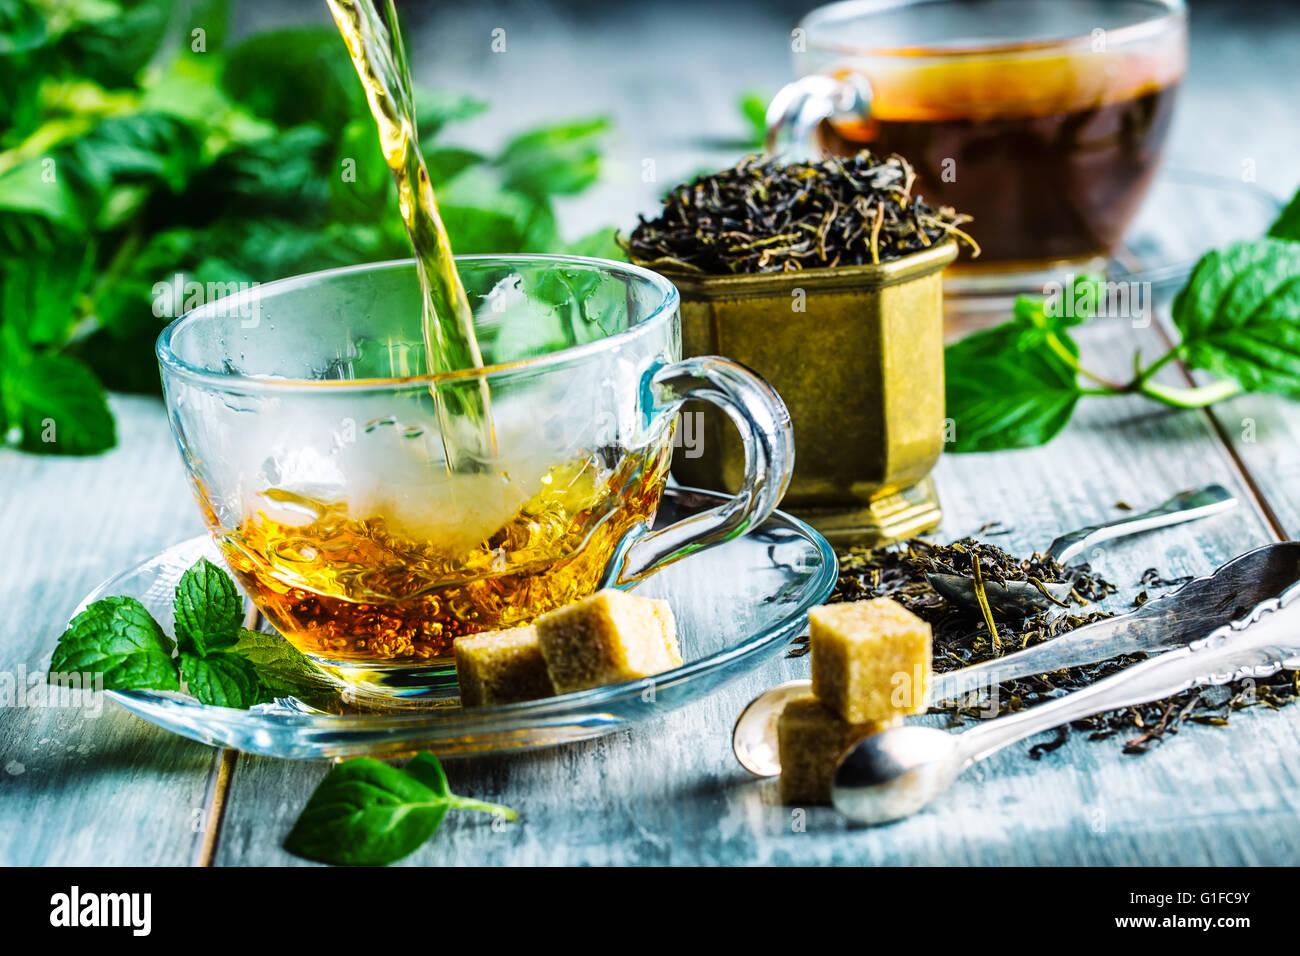 El té. El té de menta. Té de hierbas. Hoja de menta. Hojas de Menta. En un vaso de té, hojas Imagen De Stock